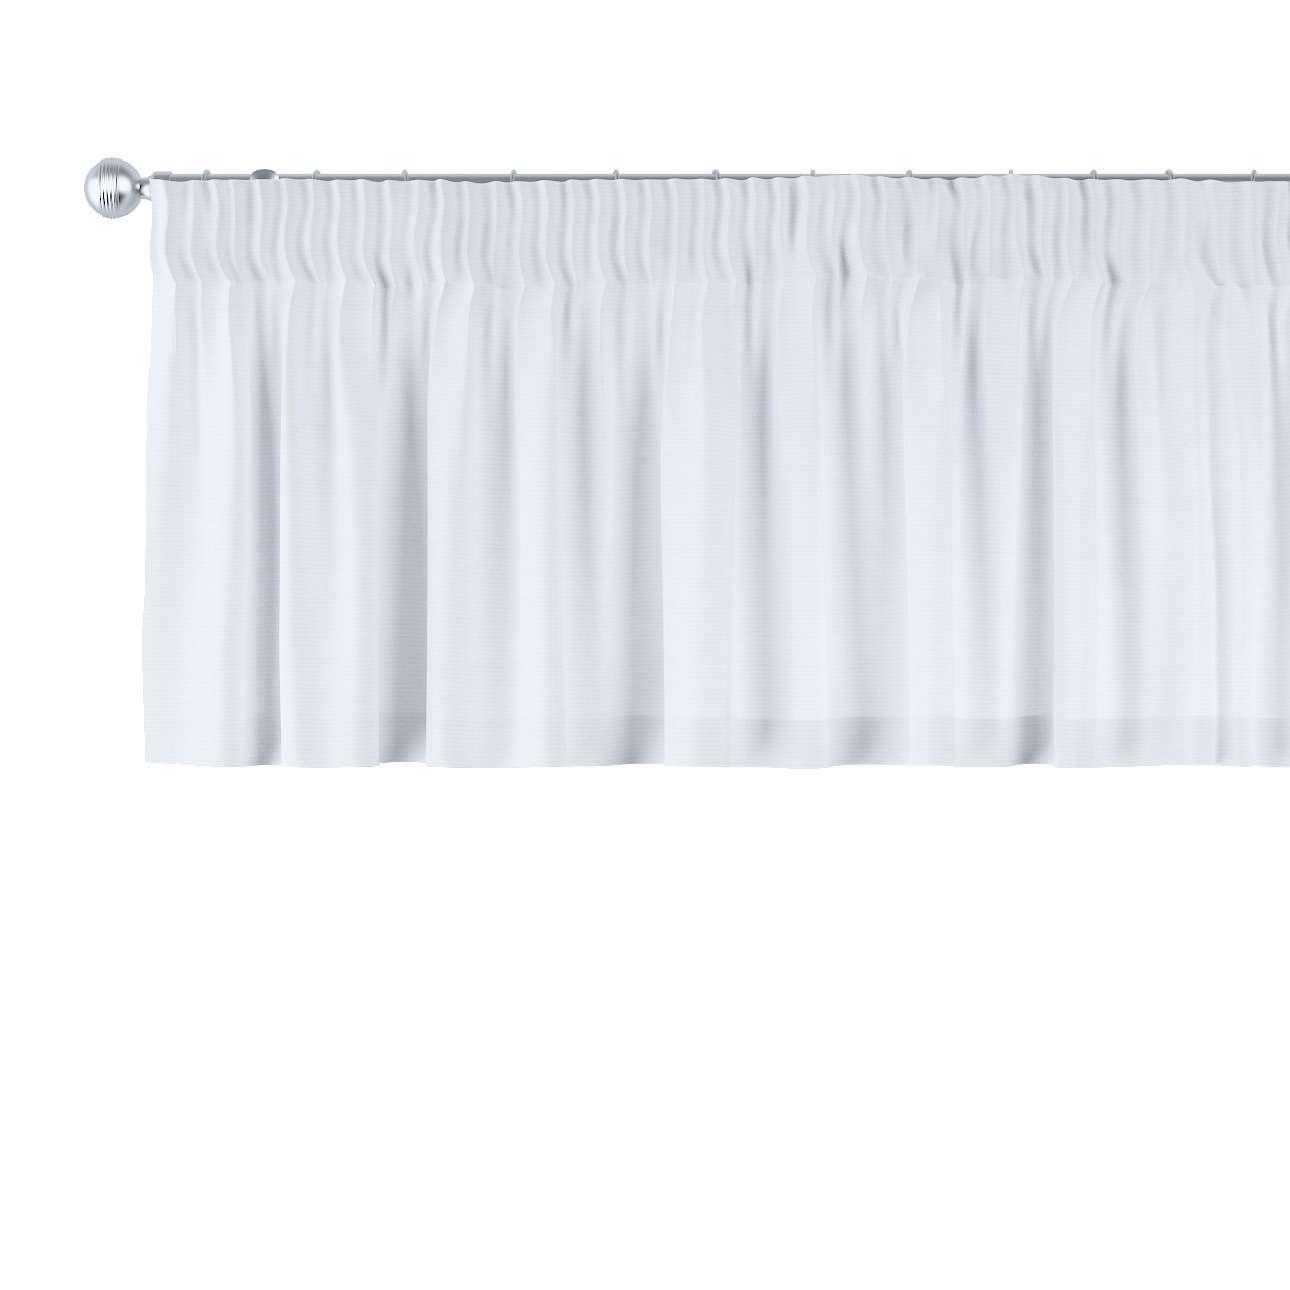 Gardinkappa med rynkband 130 x 40 cm i kollektionen Jupiter, Tyg: 127-01